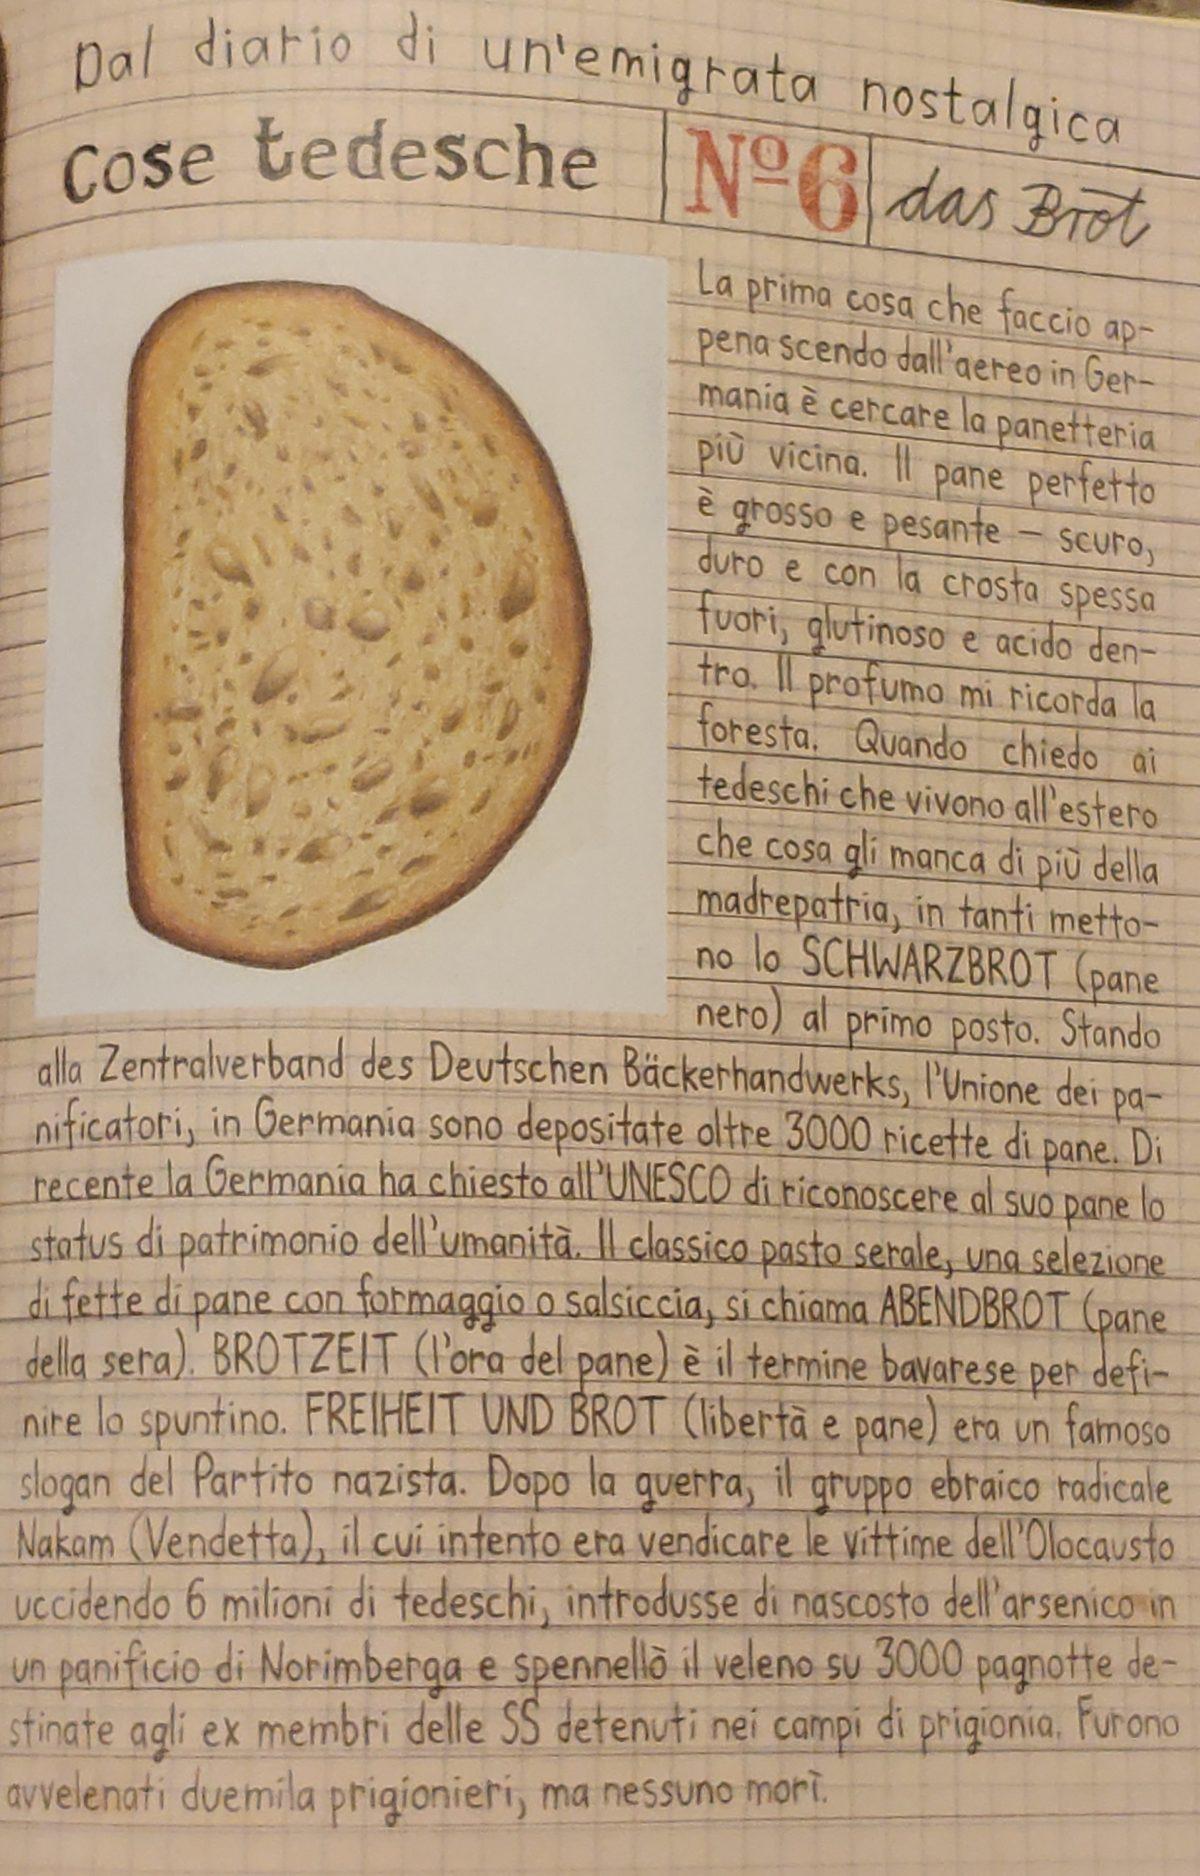 Mio Caro Fumetto - Heimat: un album di famiglia tedesco - Pagina in cui si spiega quanto sia tedesco lo schwarzbrot, il pane nero.